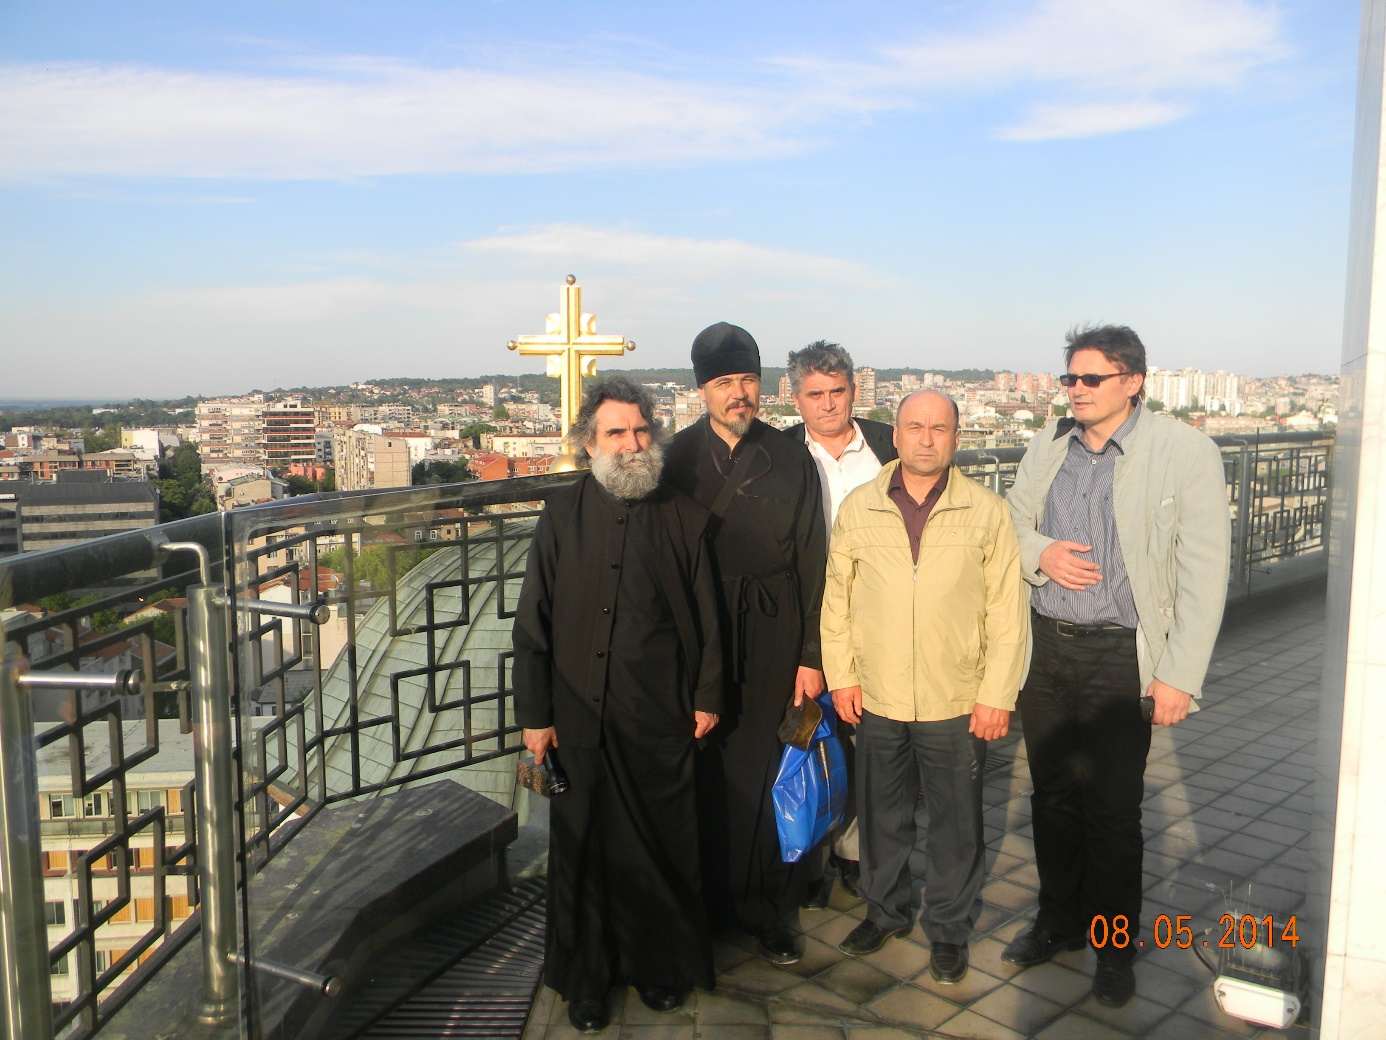 Отац Олег други с лева из Кјахте са својим србским пријатељима на куполи храма Светог Саве у Београду